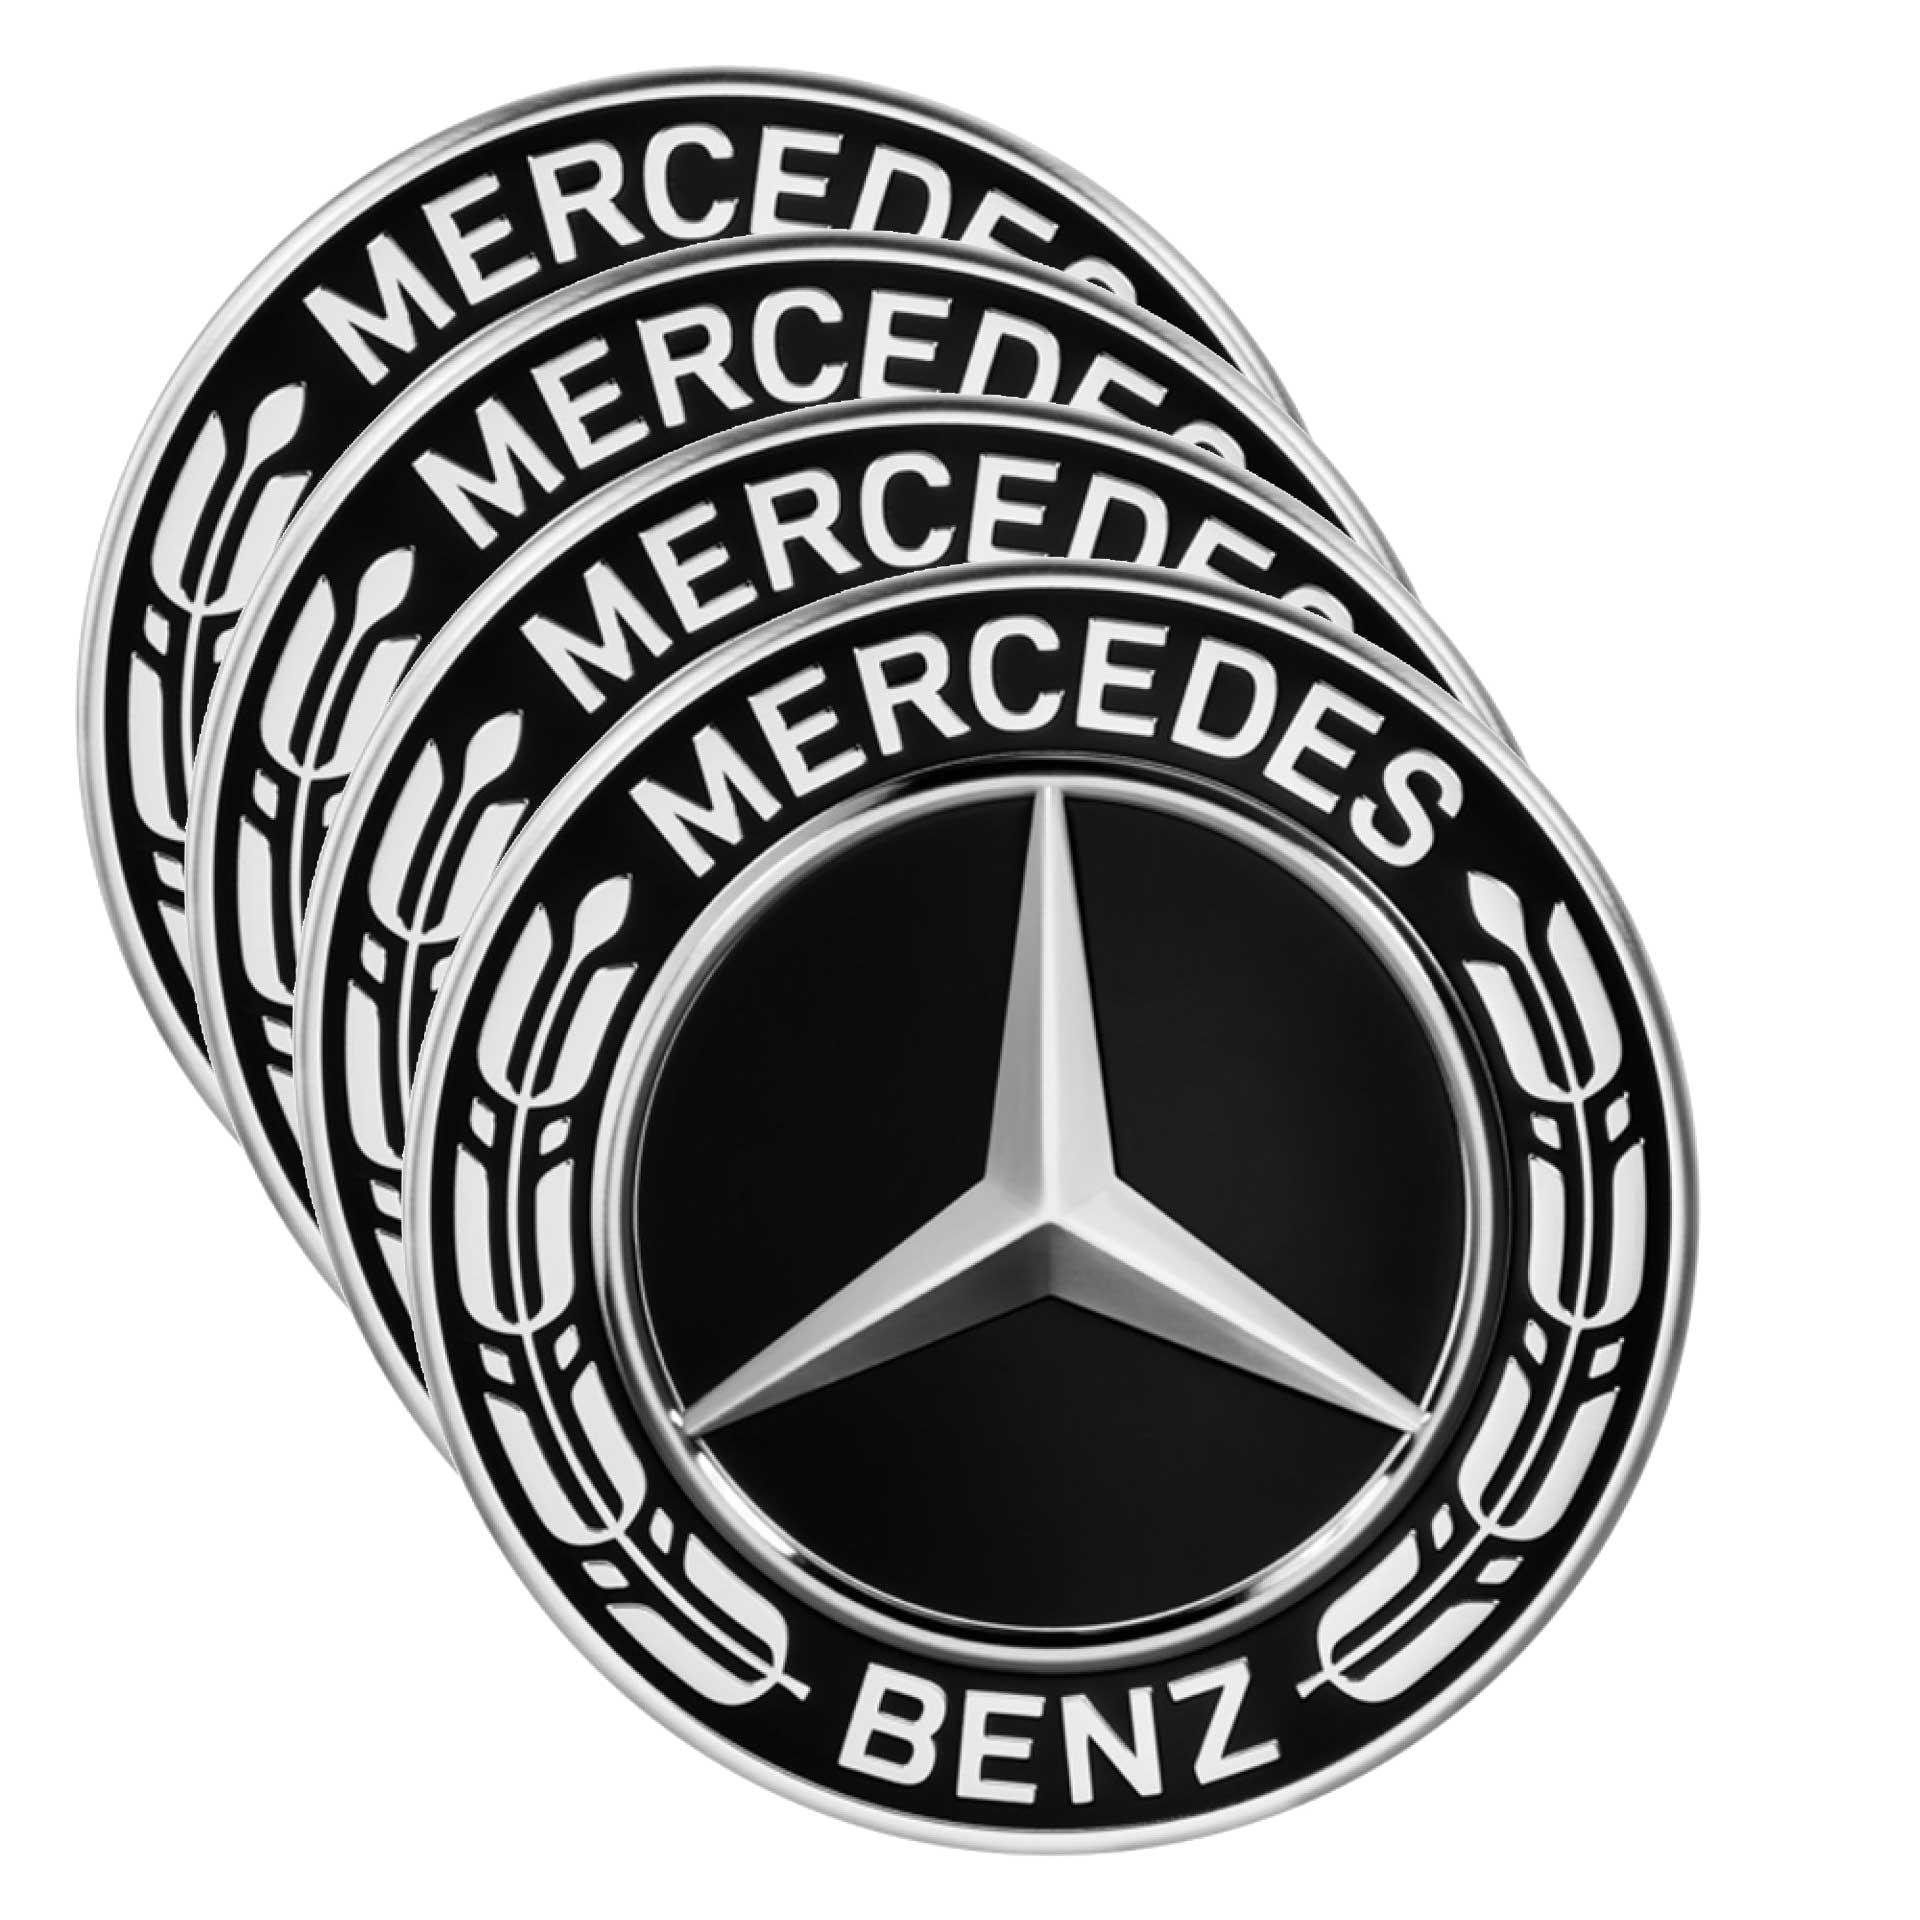 Mercedes-Benz Radnabenabdeckung Stern mit Lorbeerkranz schwarz Set 4-teilig